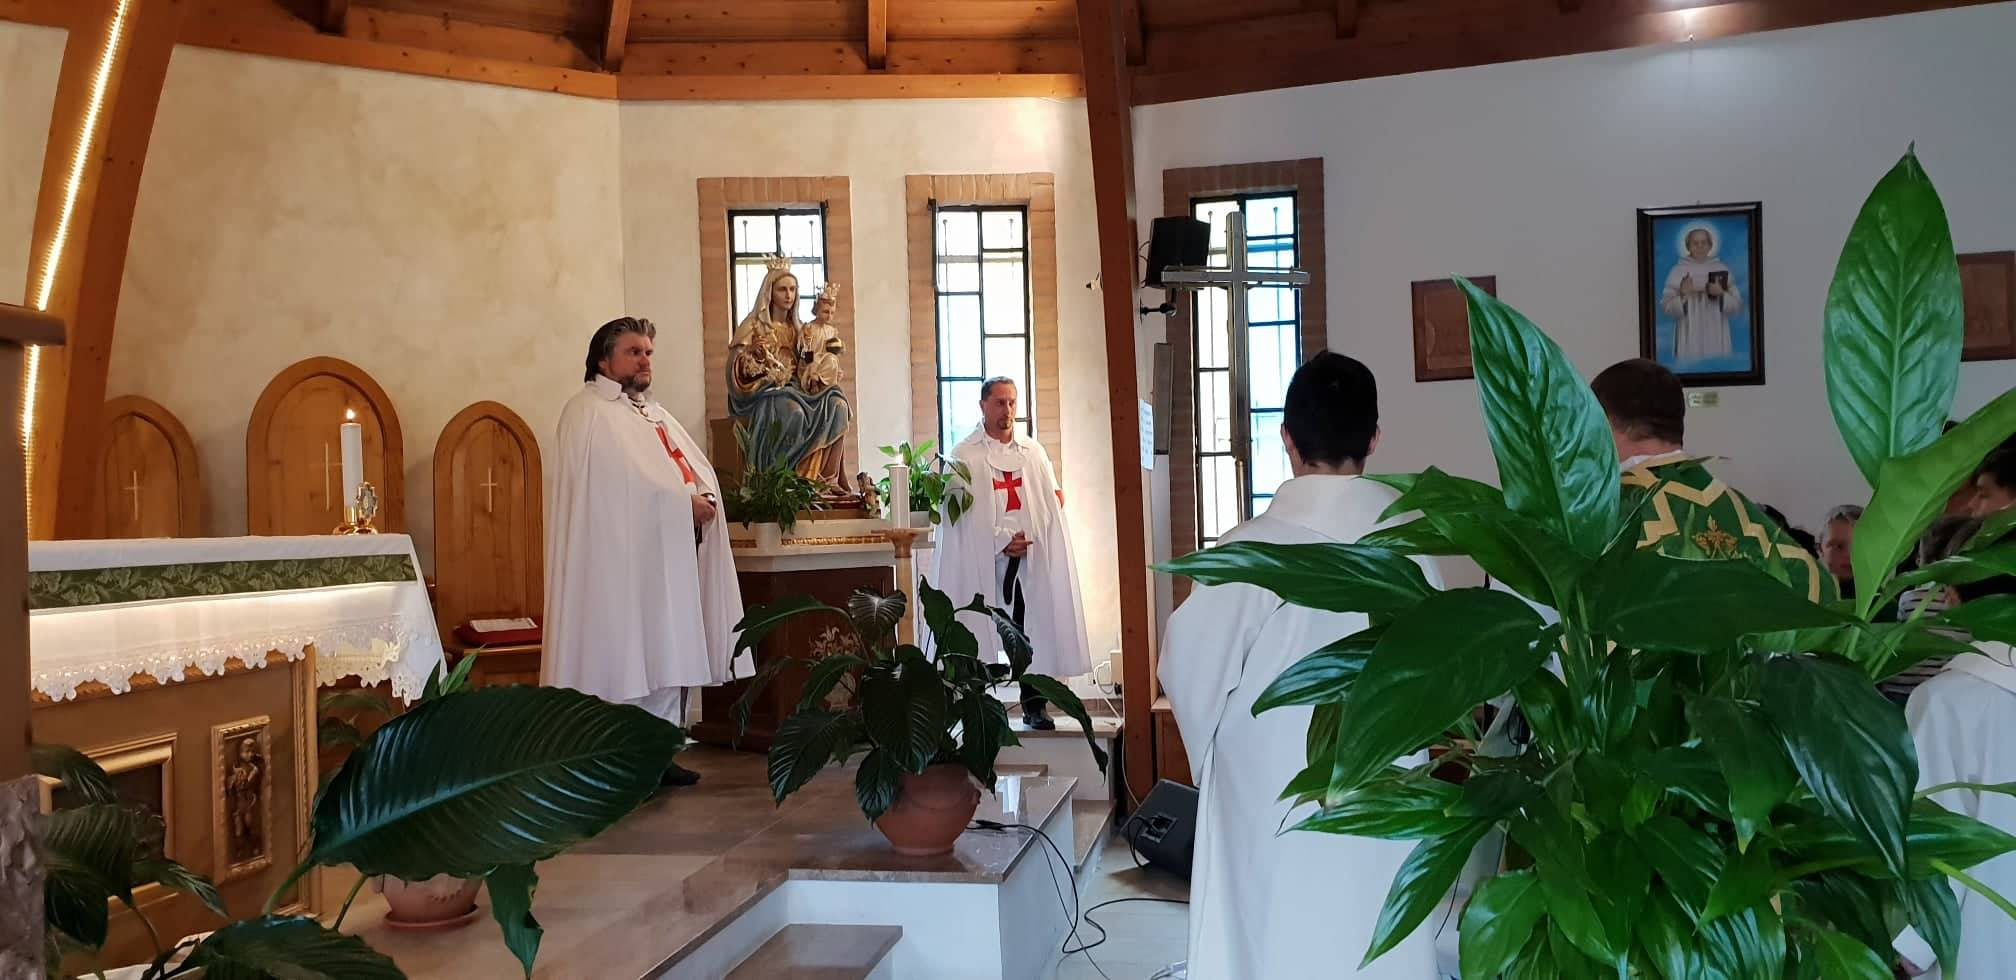 Inizio del nuovo anno di Catechismo nella Chiesa Cattolica Parrocchiale della Beata Vergine del Carmine